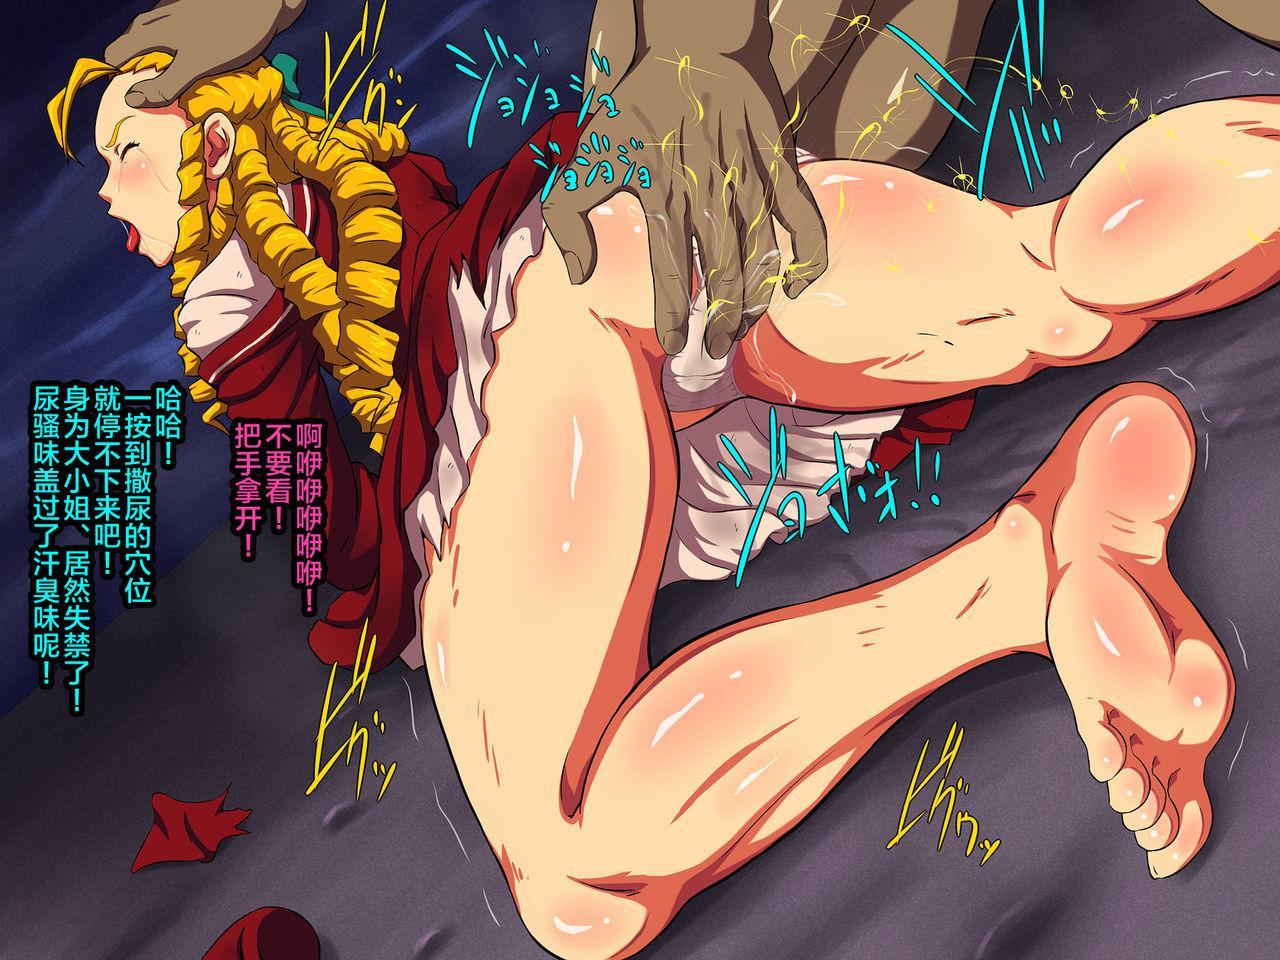 [L-u (Makura no Doushi)] Kegasareta Ojou-sama -Tights ni Shimiru Jiru- (Street Fighter) [Chinese] [新桥月白日语社] 131